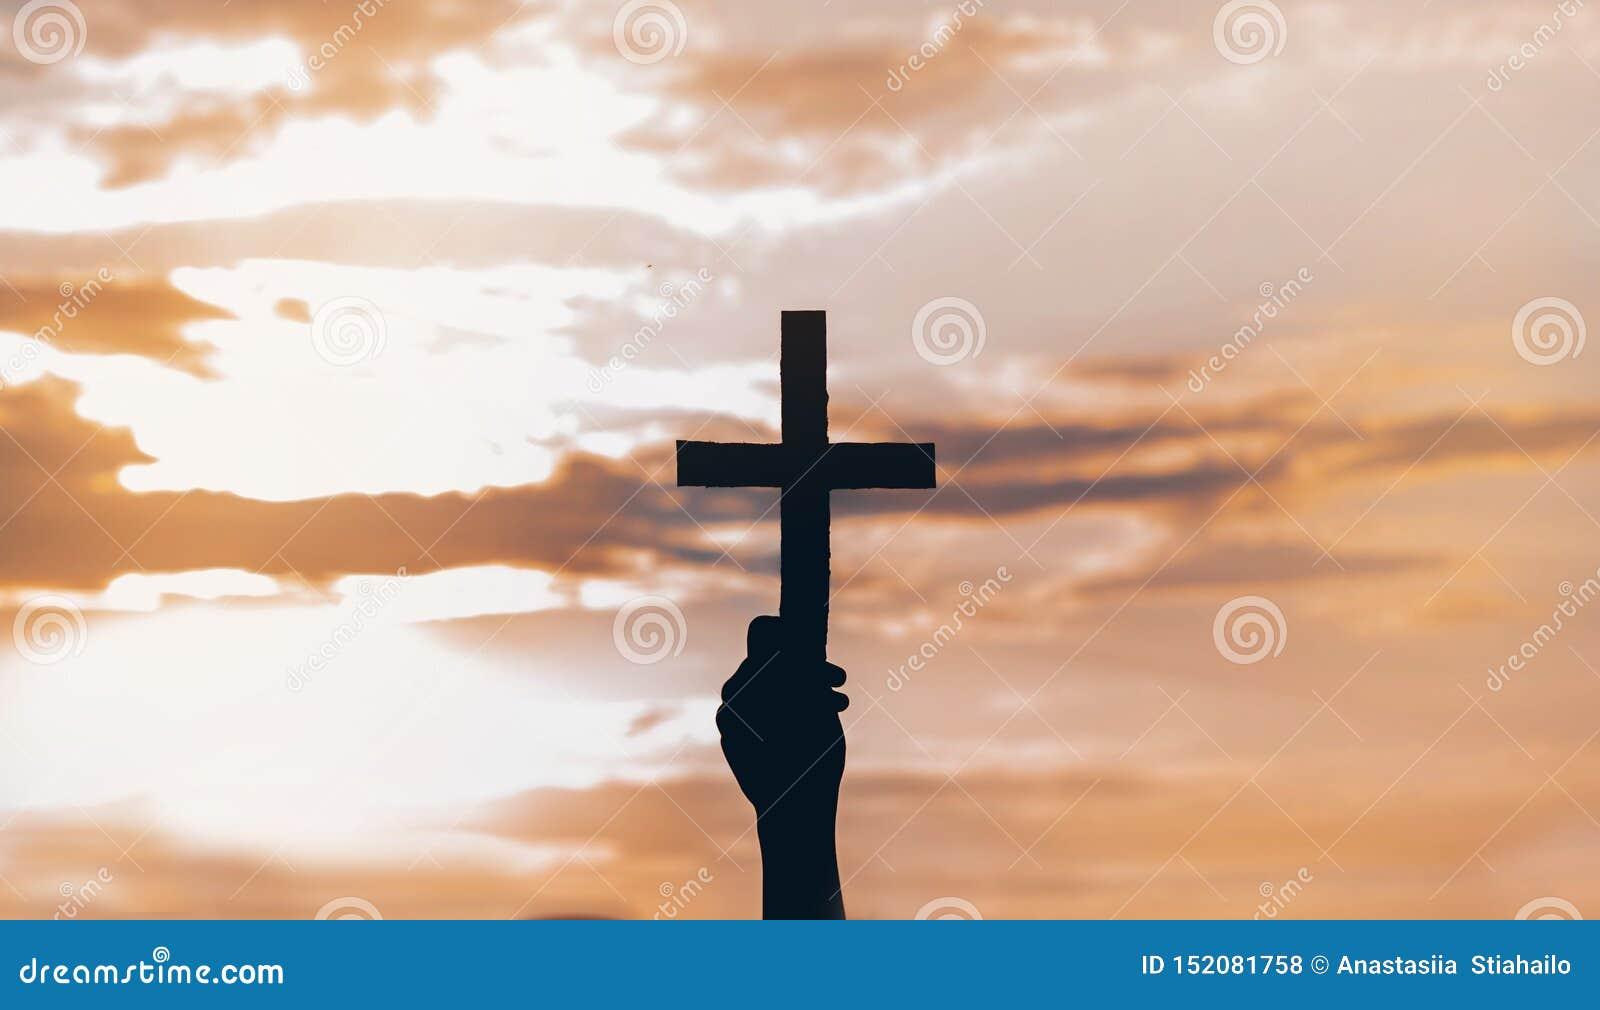 Menina do adolescente guardando a cruz à disposição durante o por do sol bonito M?os dobradas no conceito da ora??o para a f?